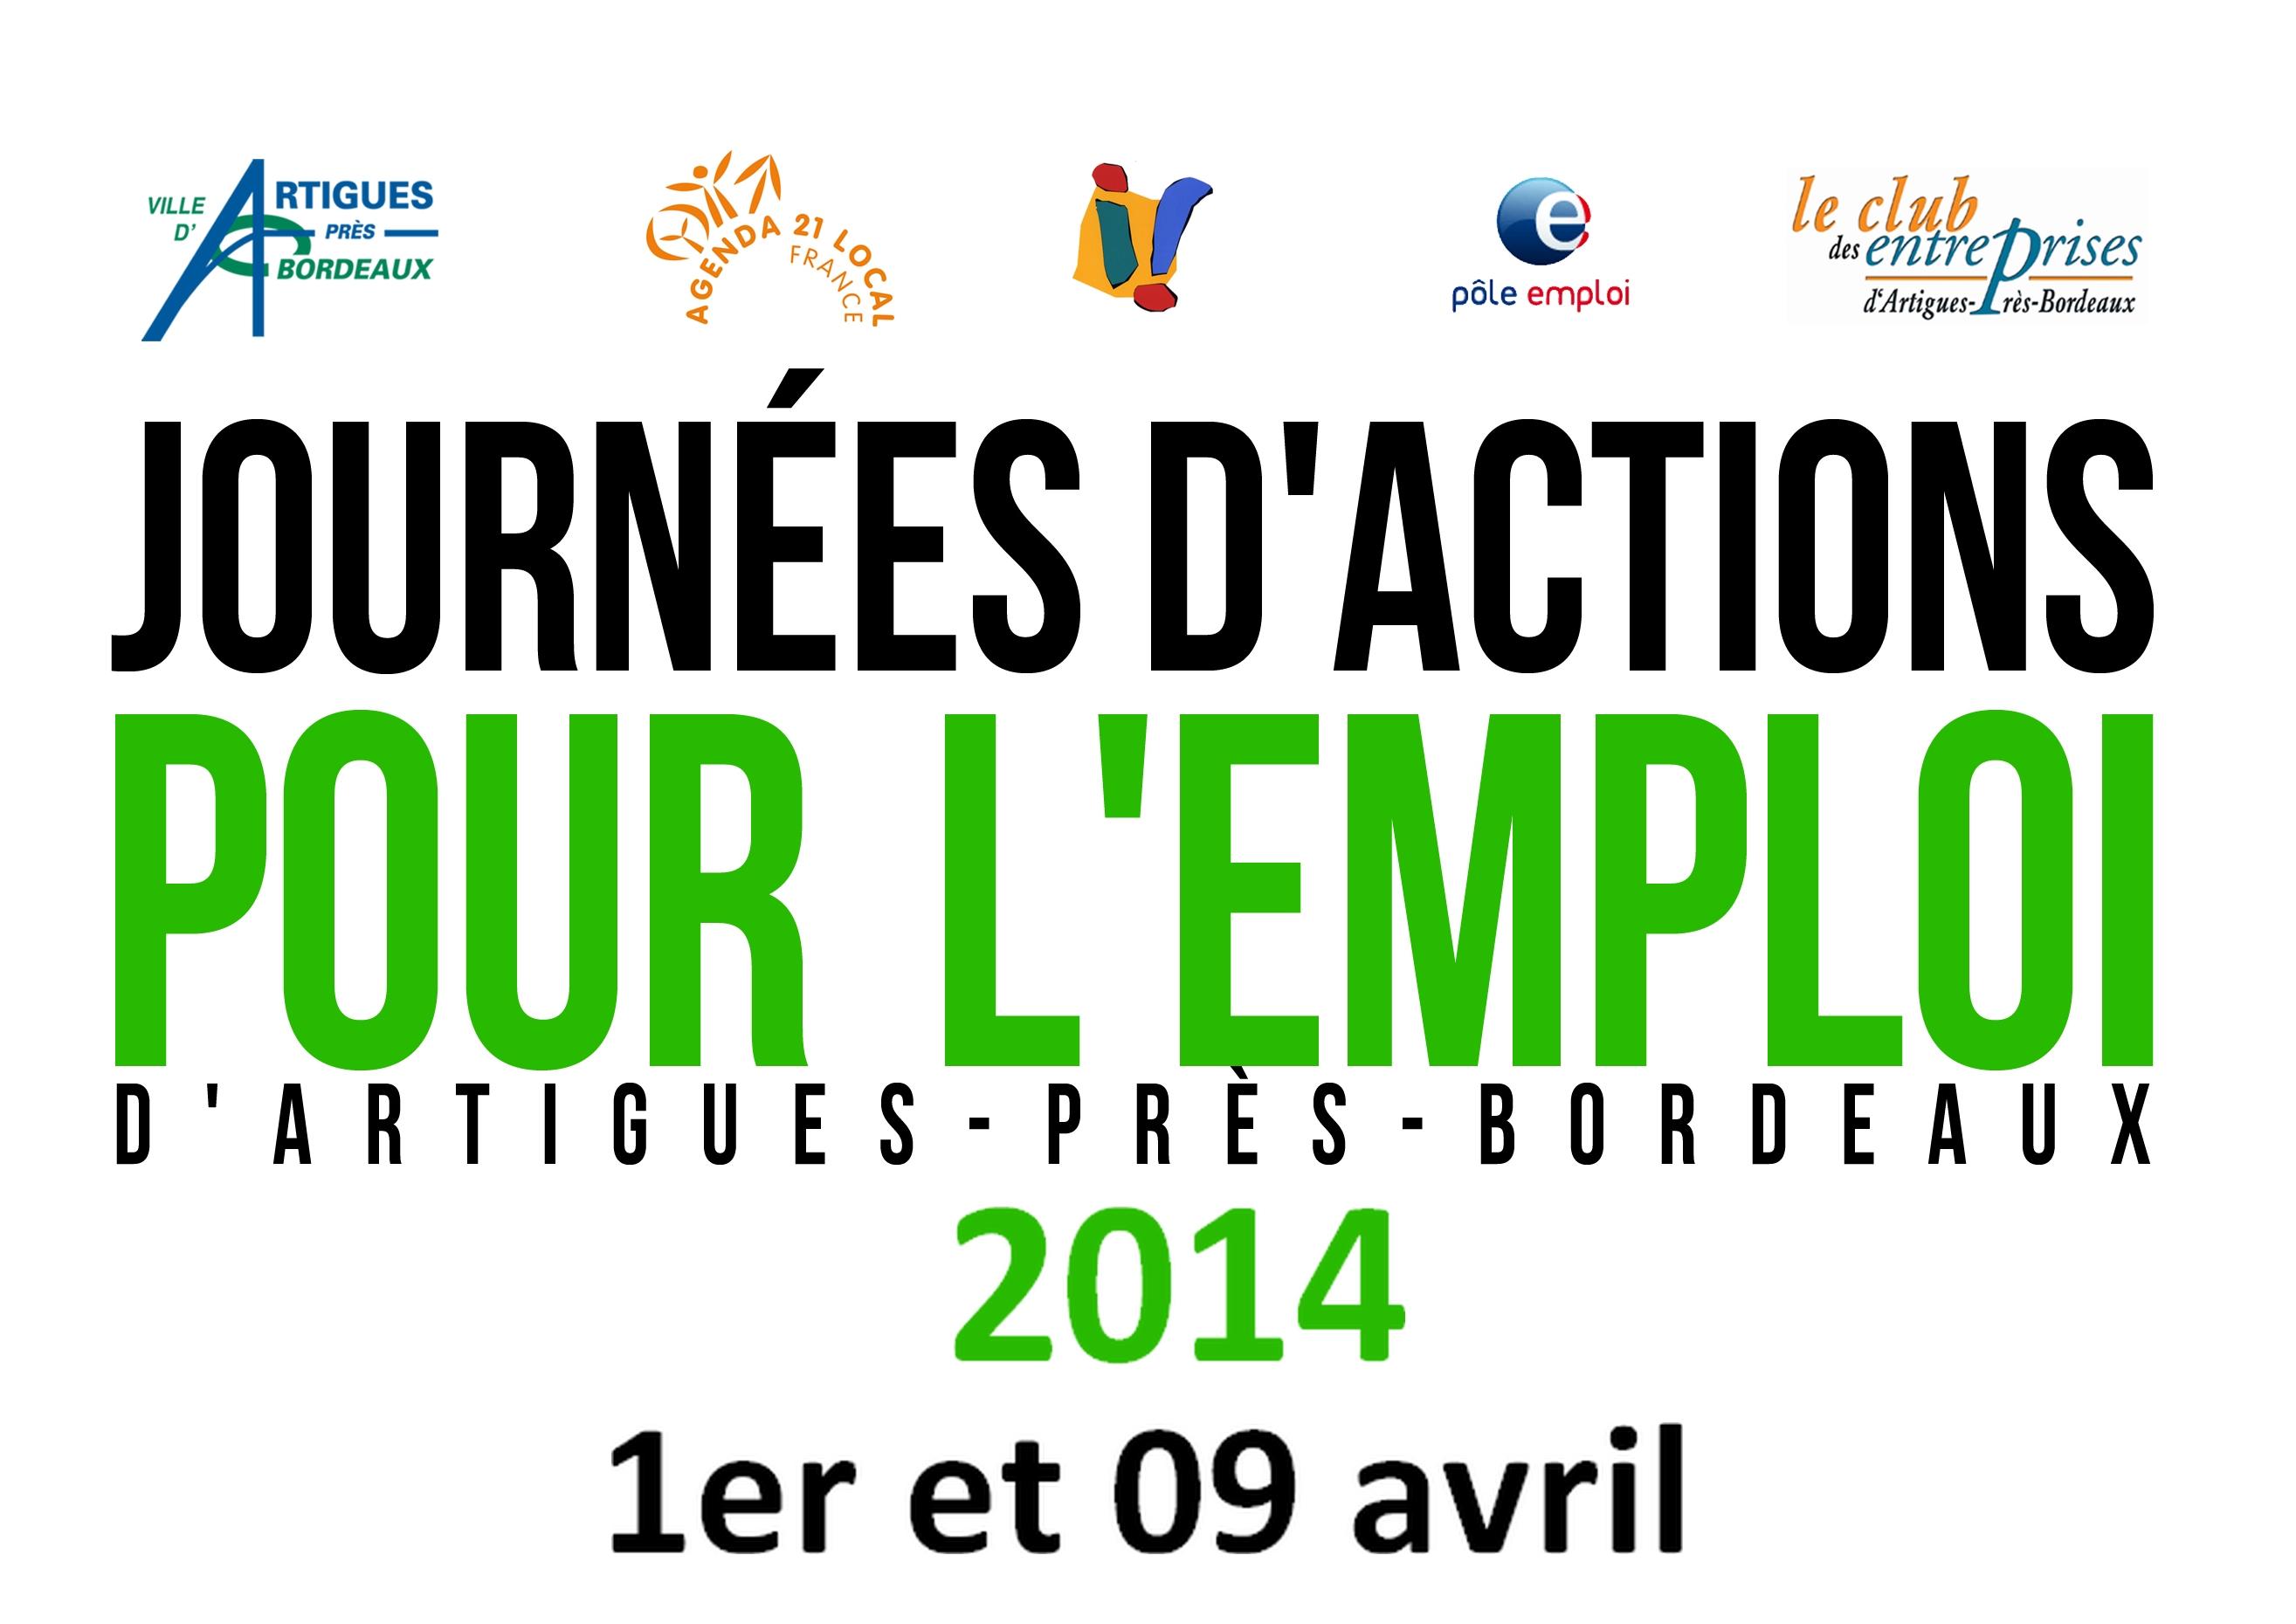 Les journées d'actions pour l'emploi d'Artigues-près-Bordeaux 01 et 09 avril